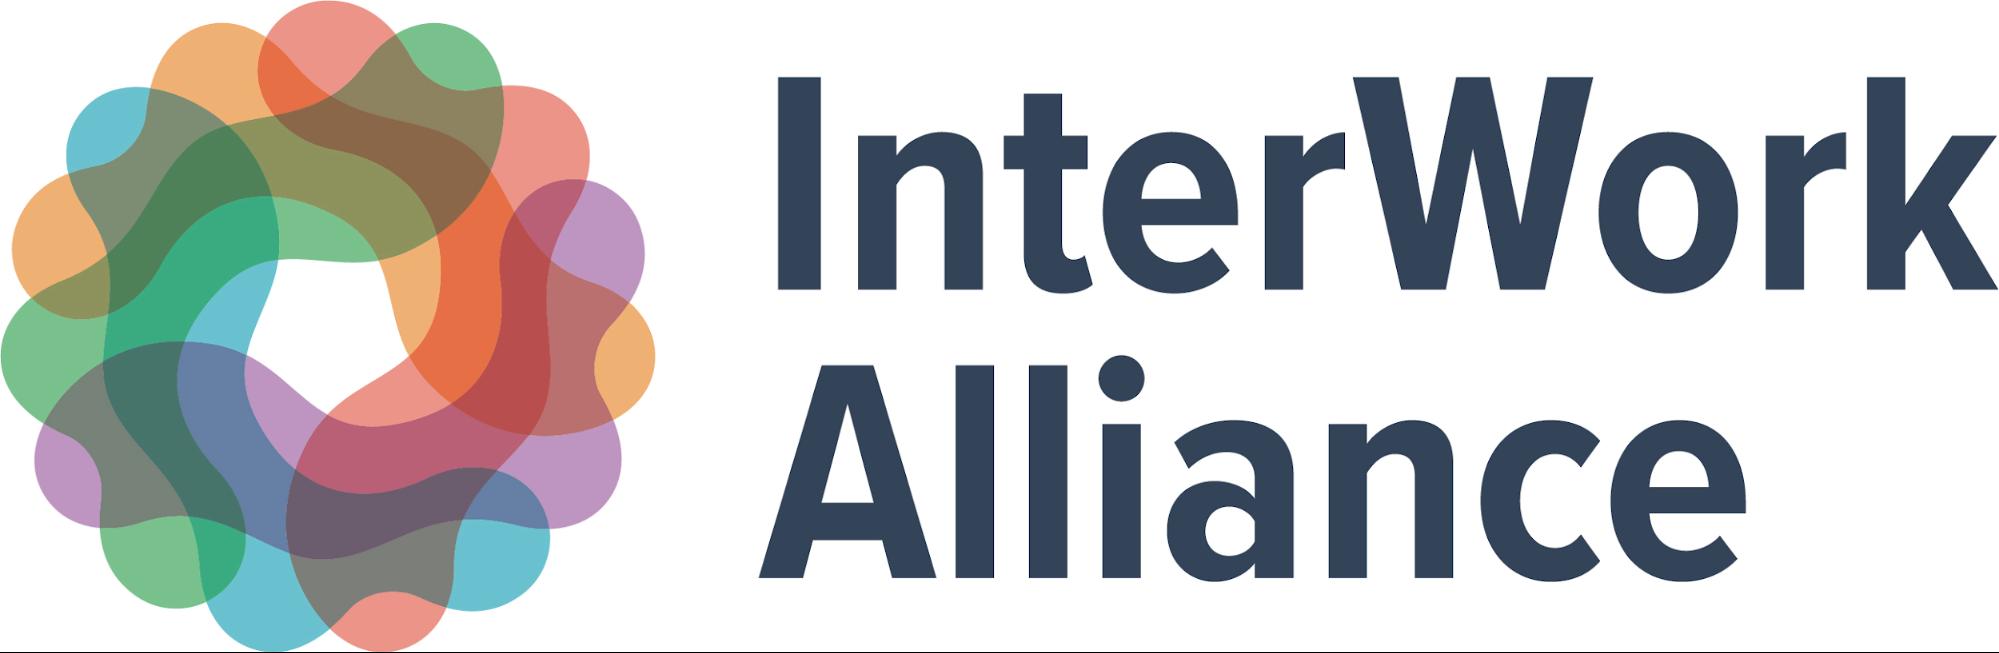 InterWork Alliance